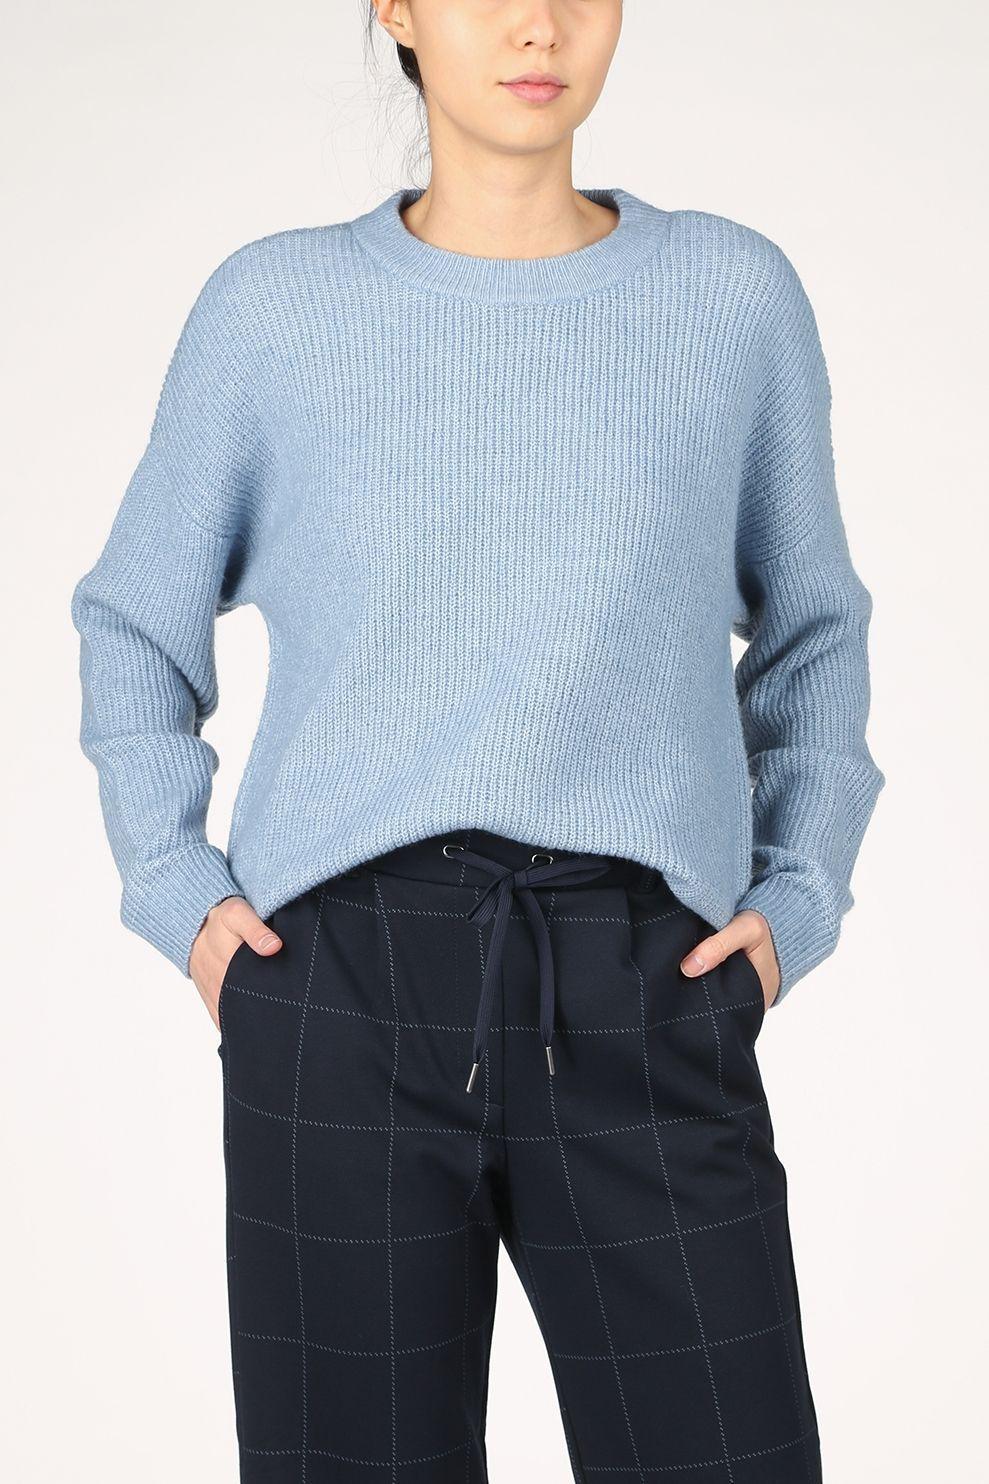 Tom Tailor Trui 1023919 voor dames - Blauw - Maten: XS, S, M, L, XL